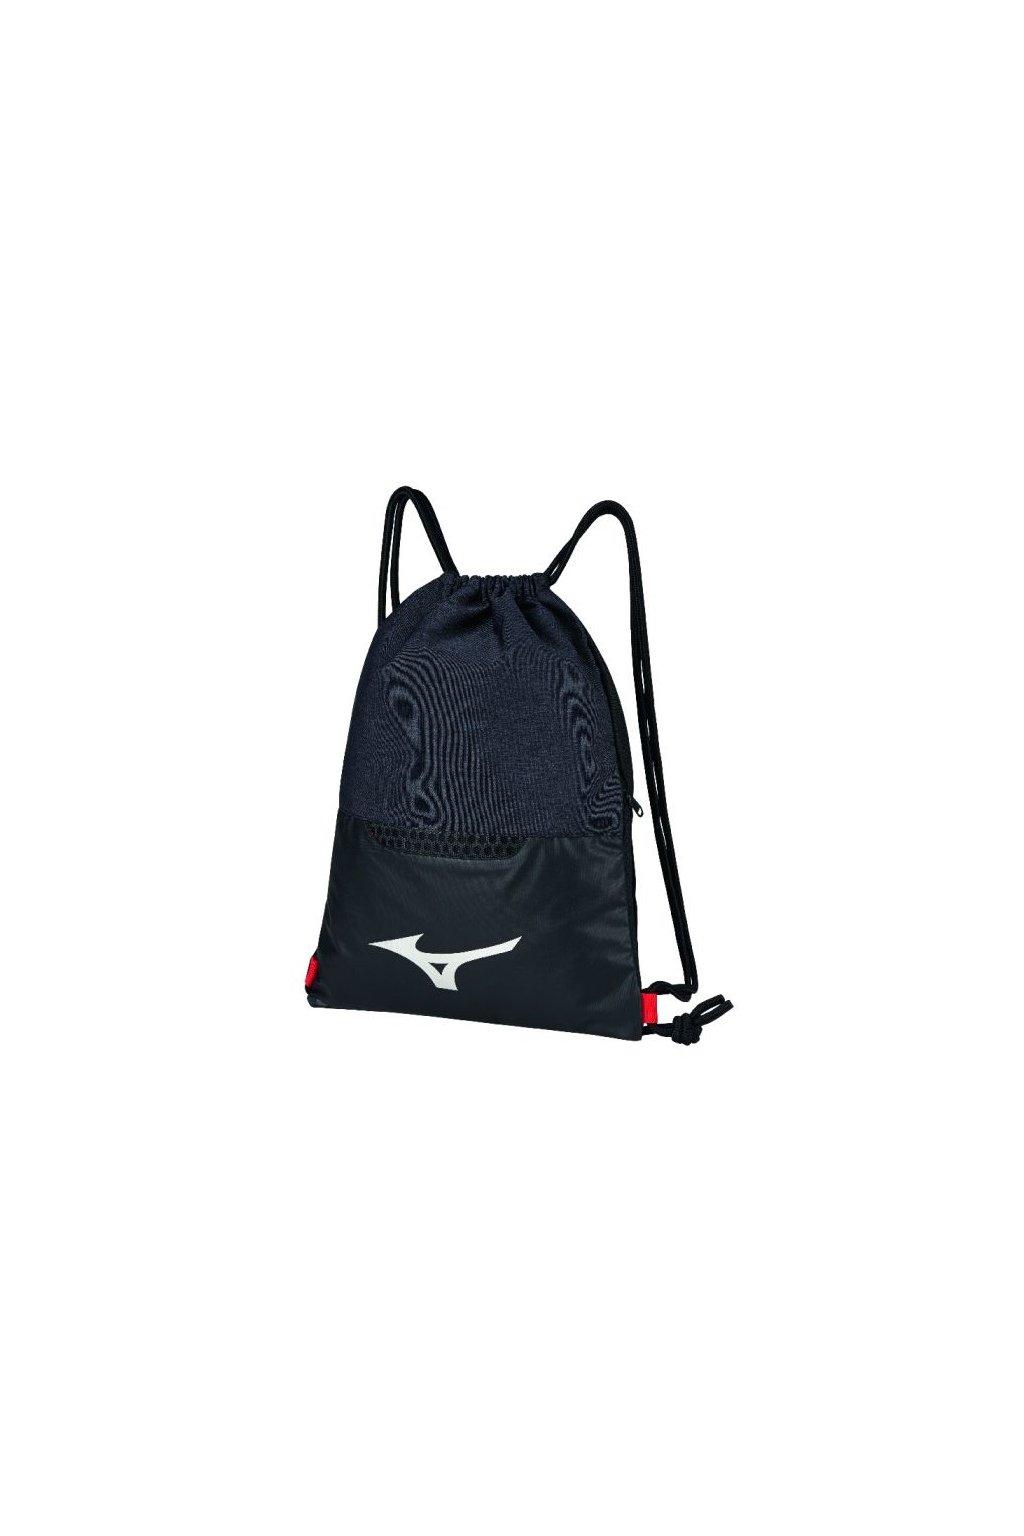 vyr 5181style draw bag grey one size